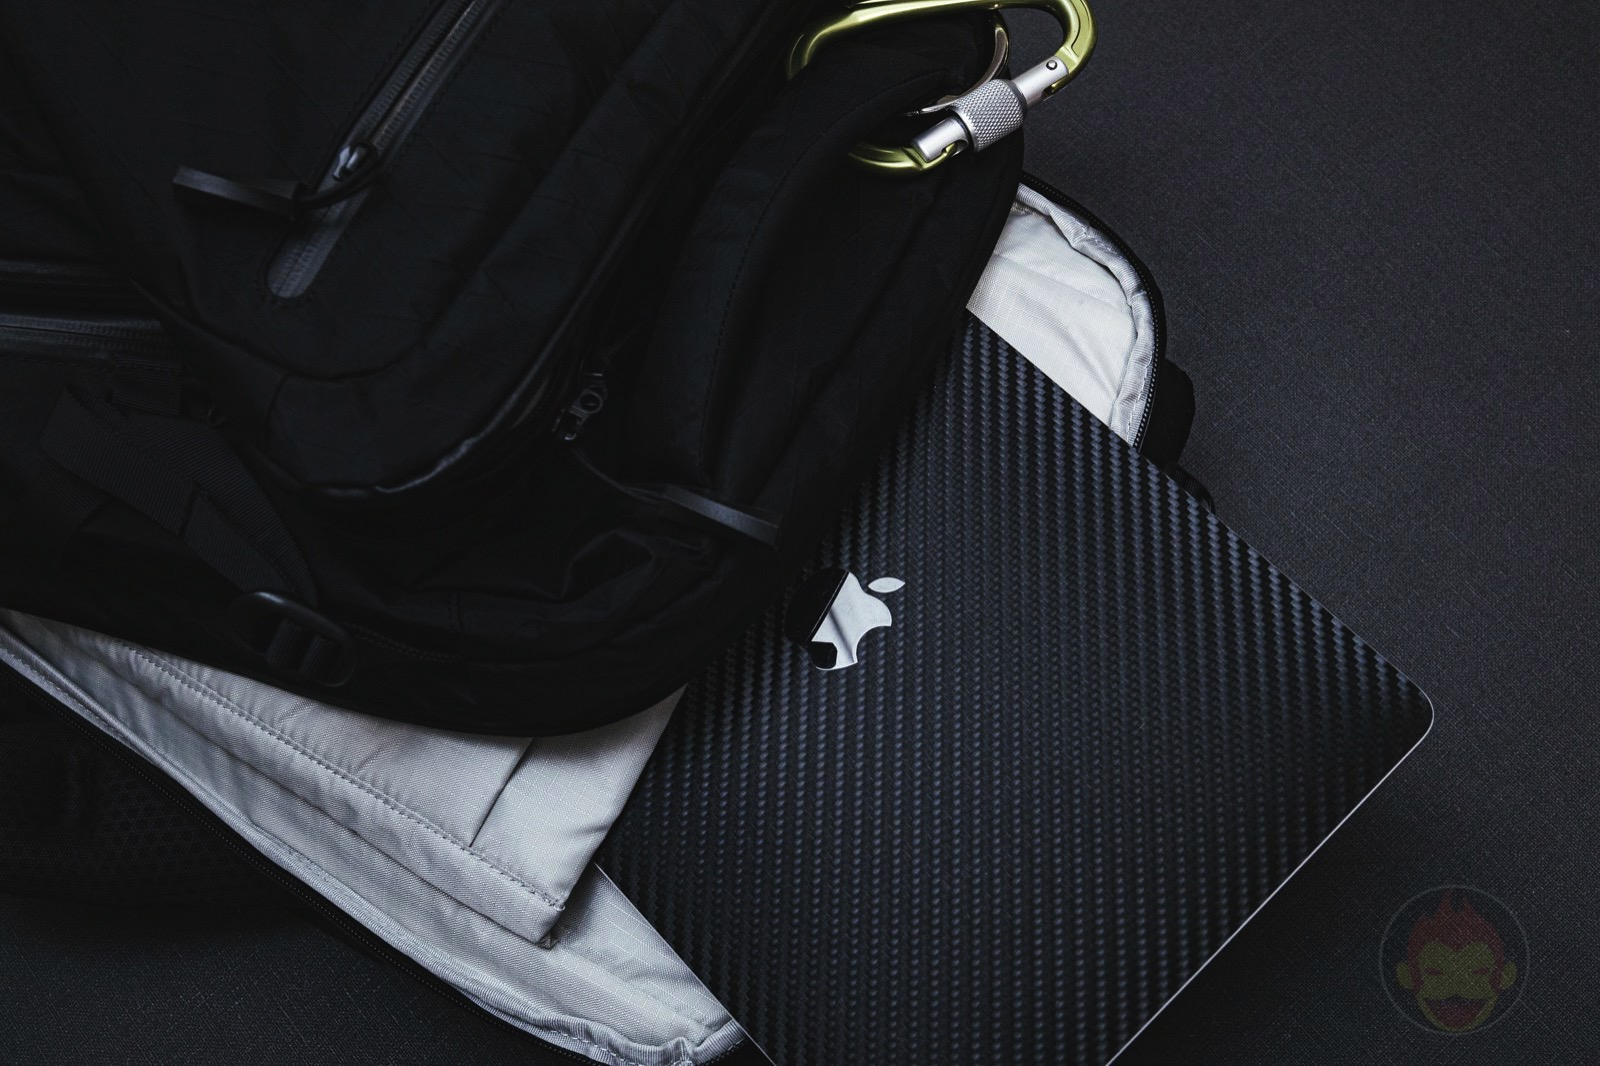 MacBook Pro 13inch or 15inch 2019 comparison 07